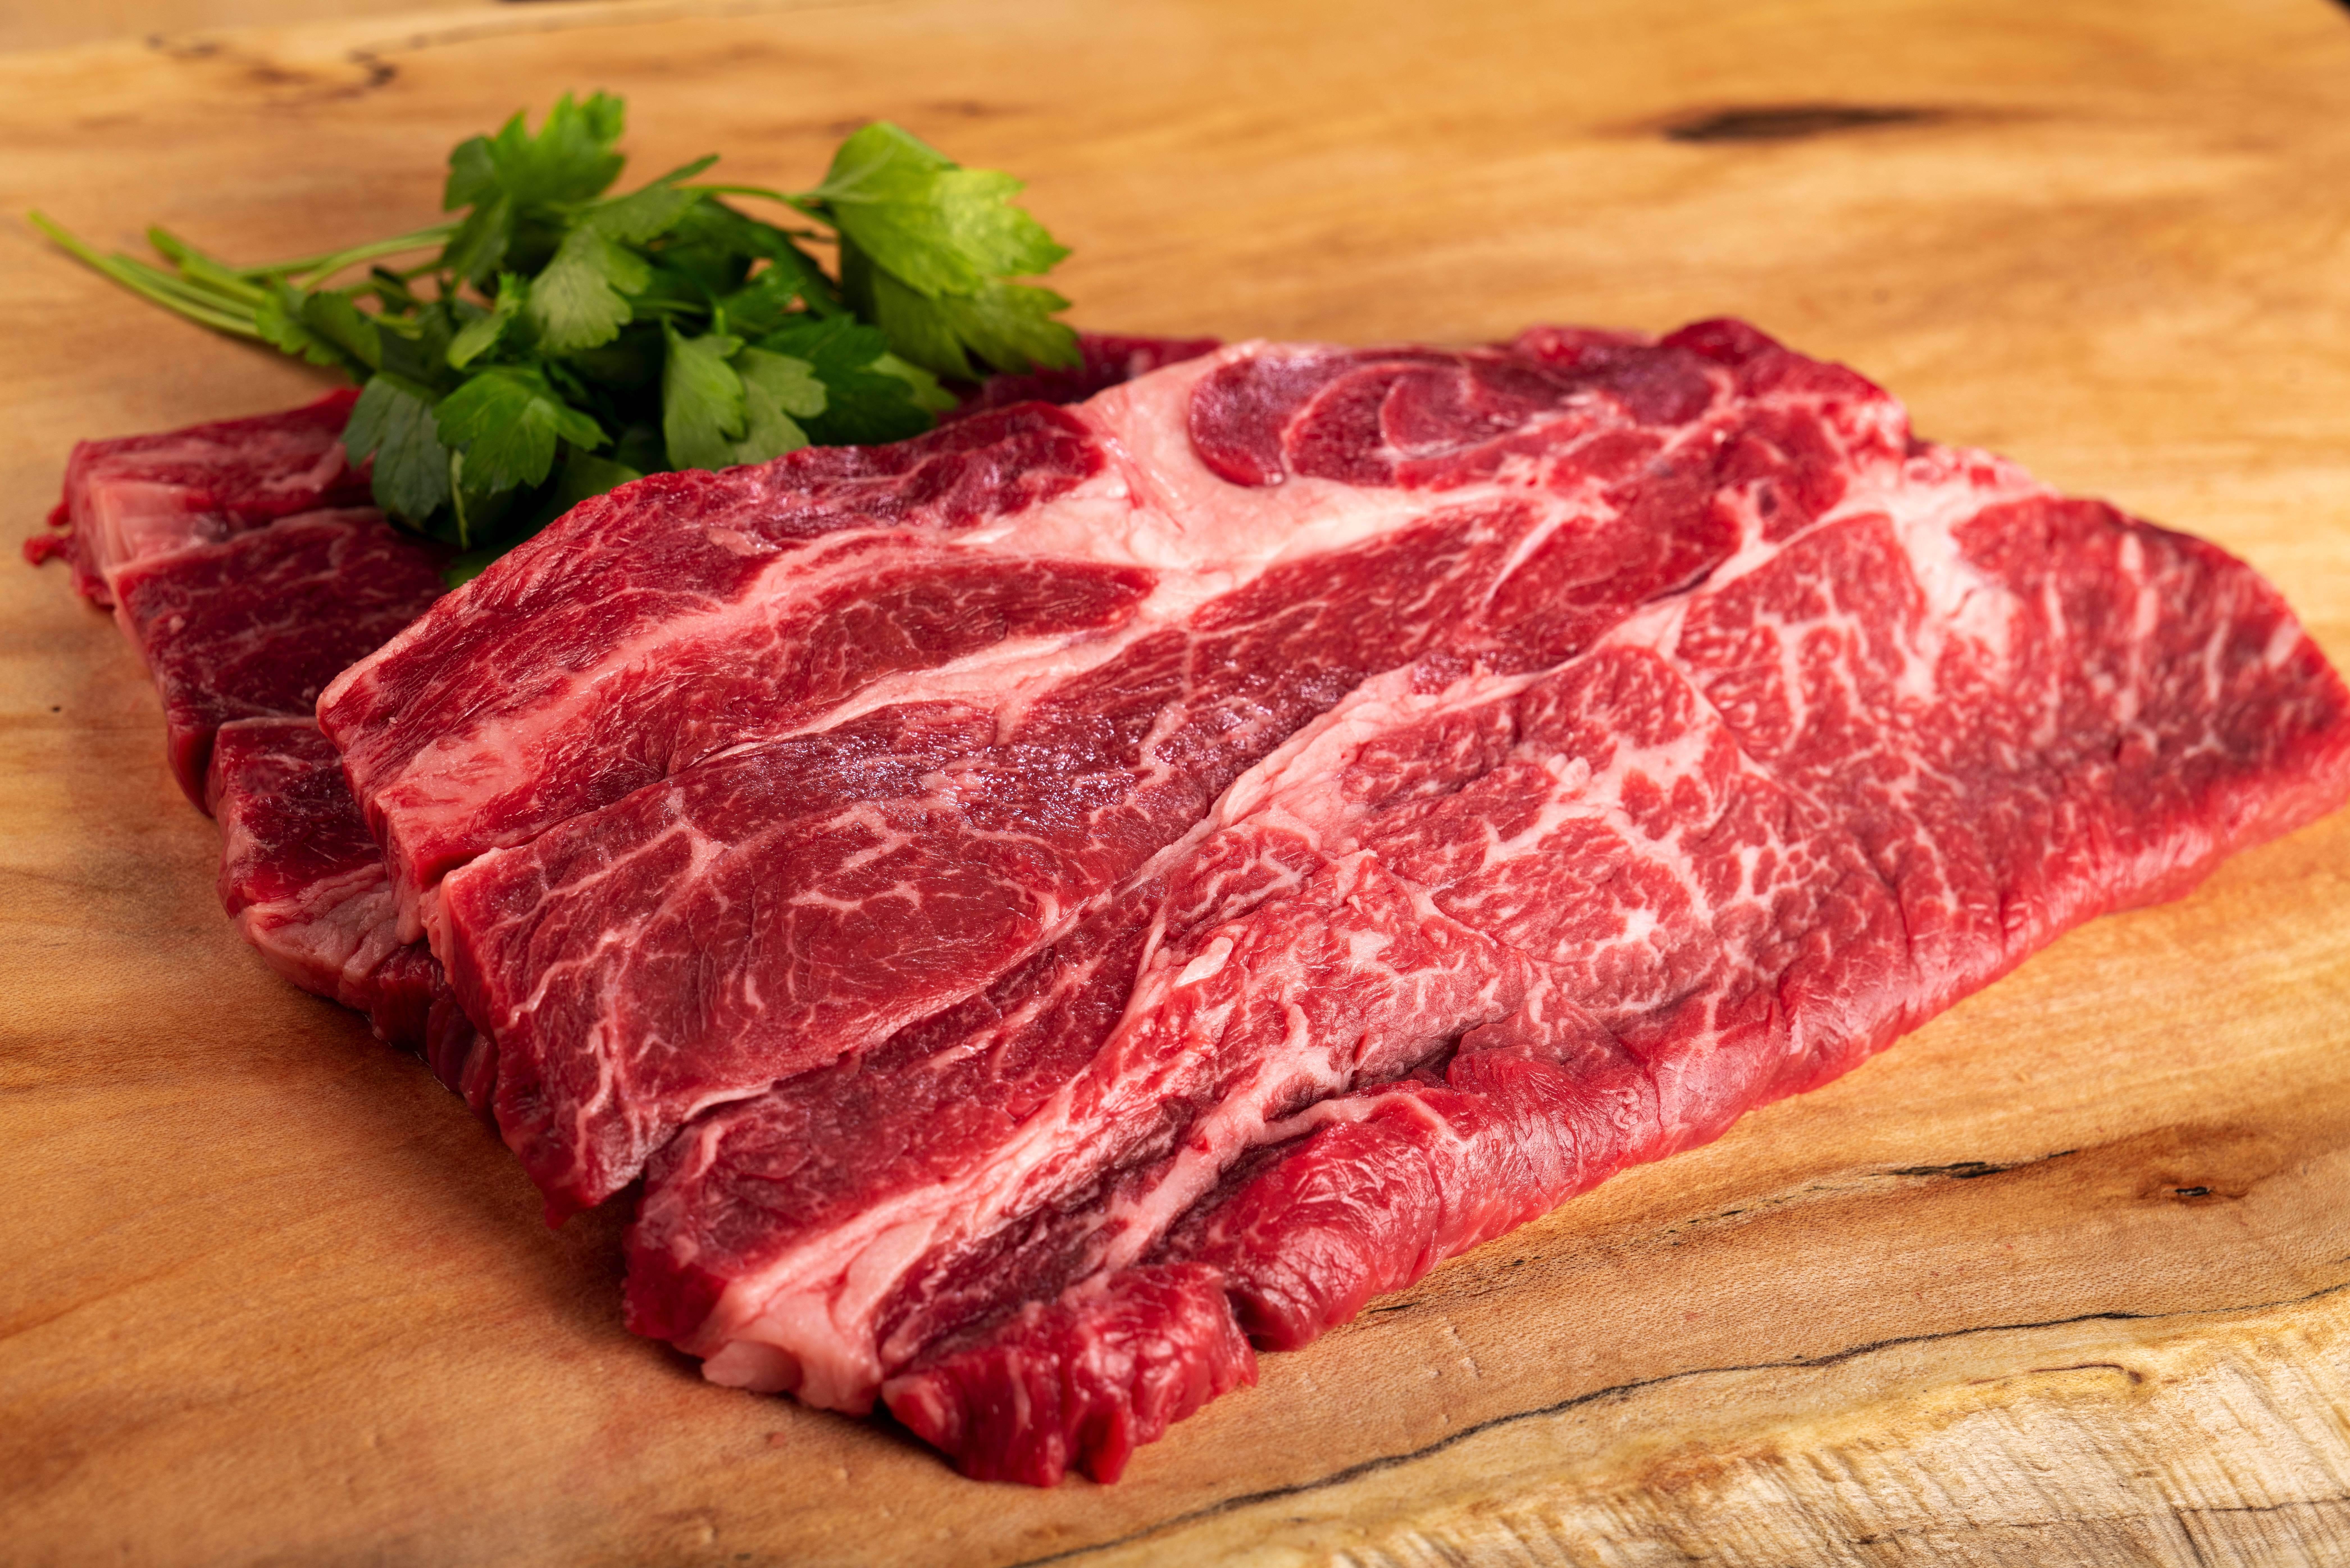 肩ロースステーキ中サイズ200g【1~2人前】 山形村短角牛【ステーキ単品】